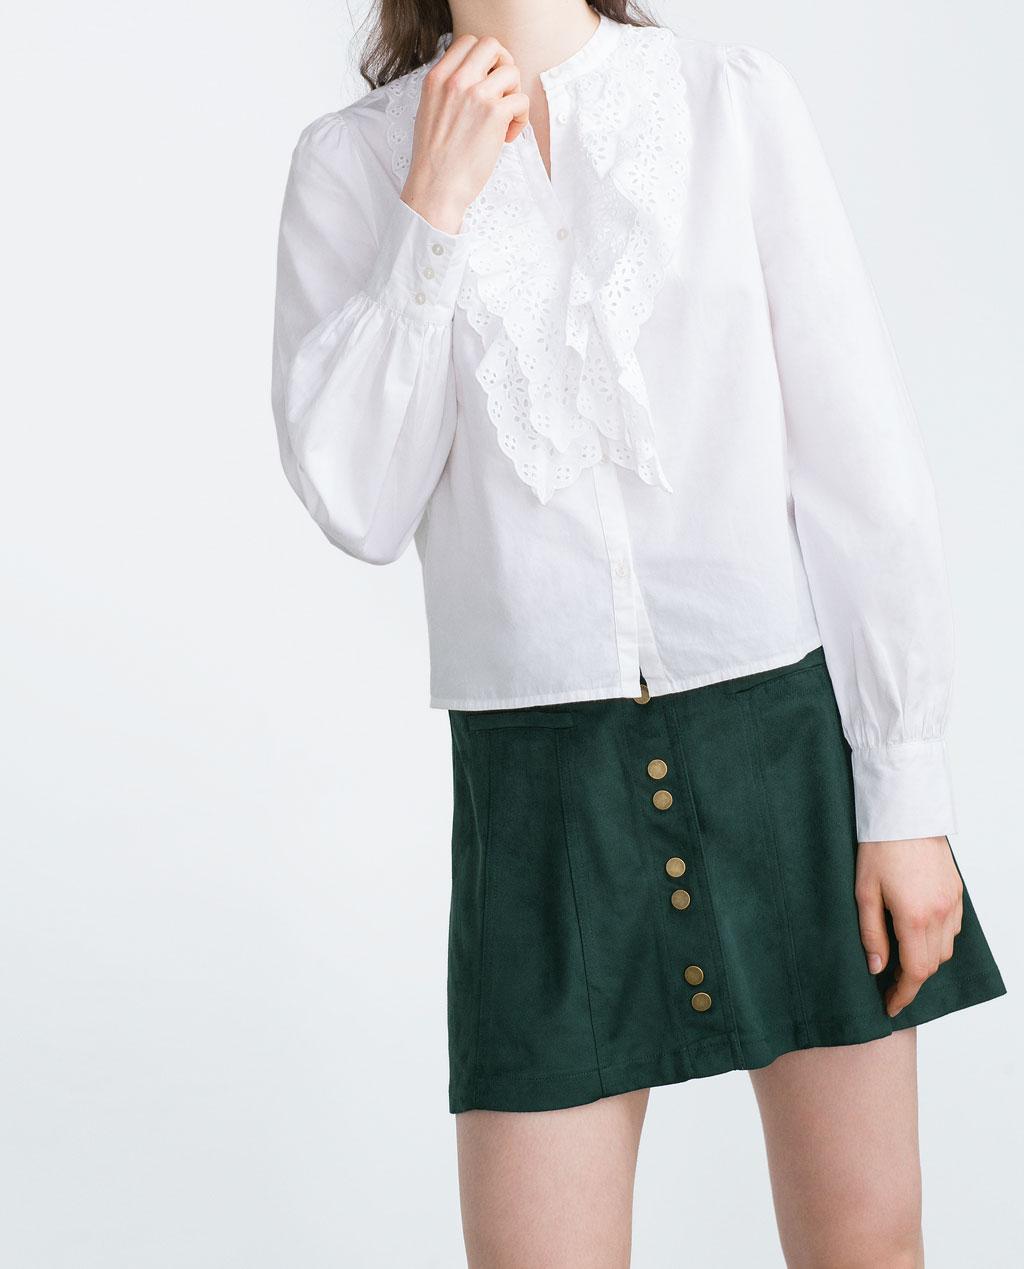 近看這件ZARA白襯衫,以多層次的蕾絲荷葉邊在胸口作為設計重點,搭配圓領設計看起來不那麼華麗,如此一來,不論是想要搭配褲裝或是短裙都很百搭喔!